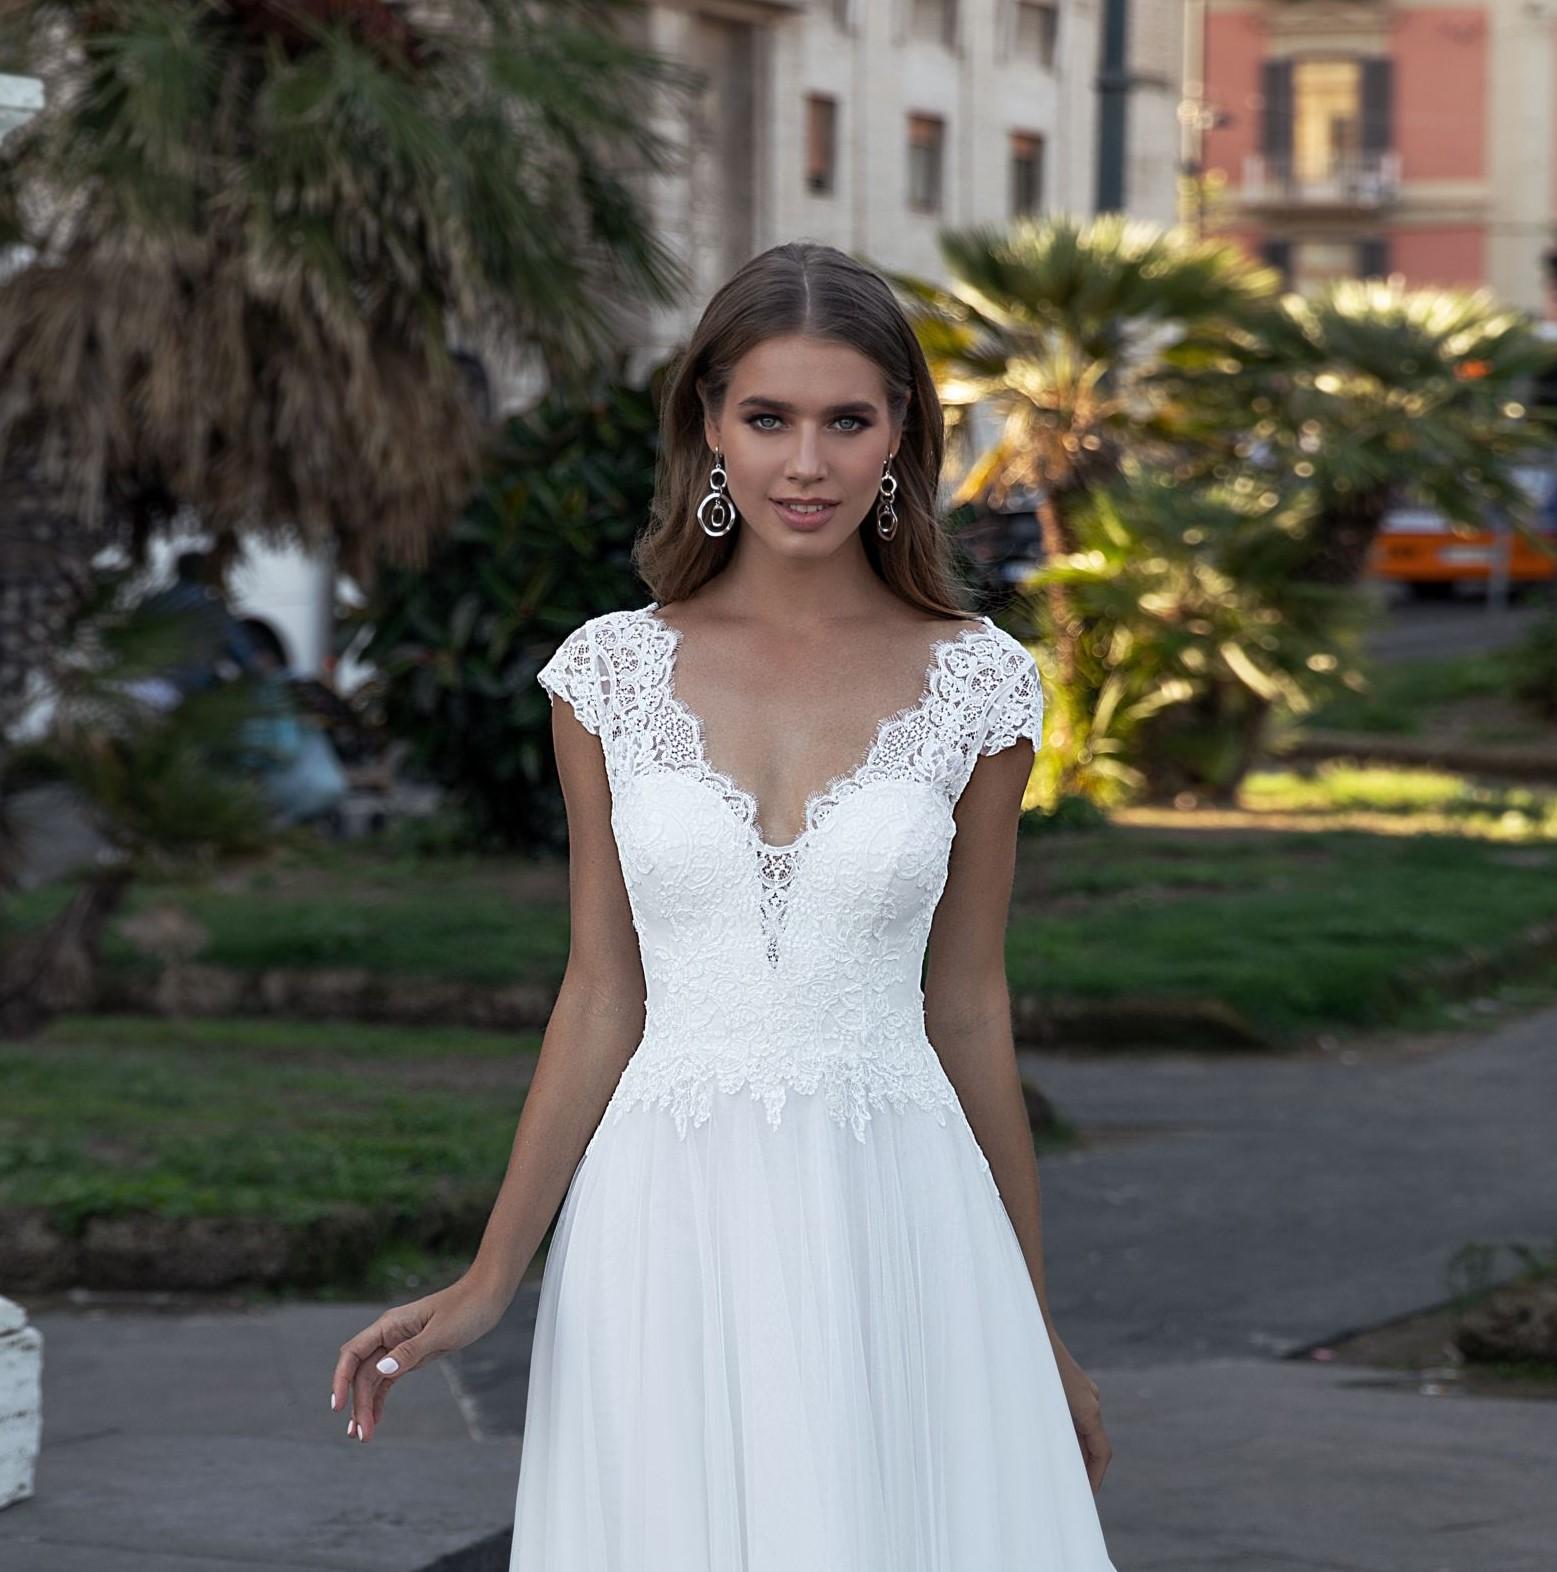 8152 Monica Loretti coleccion 2021 Essencia novias outlet sevilla